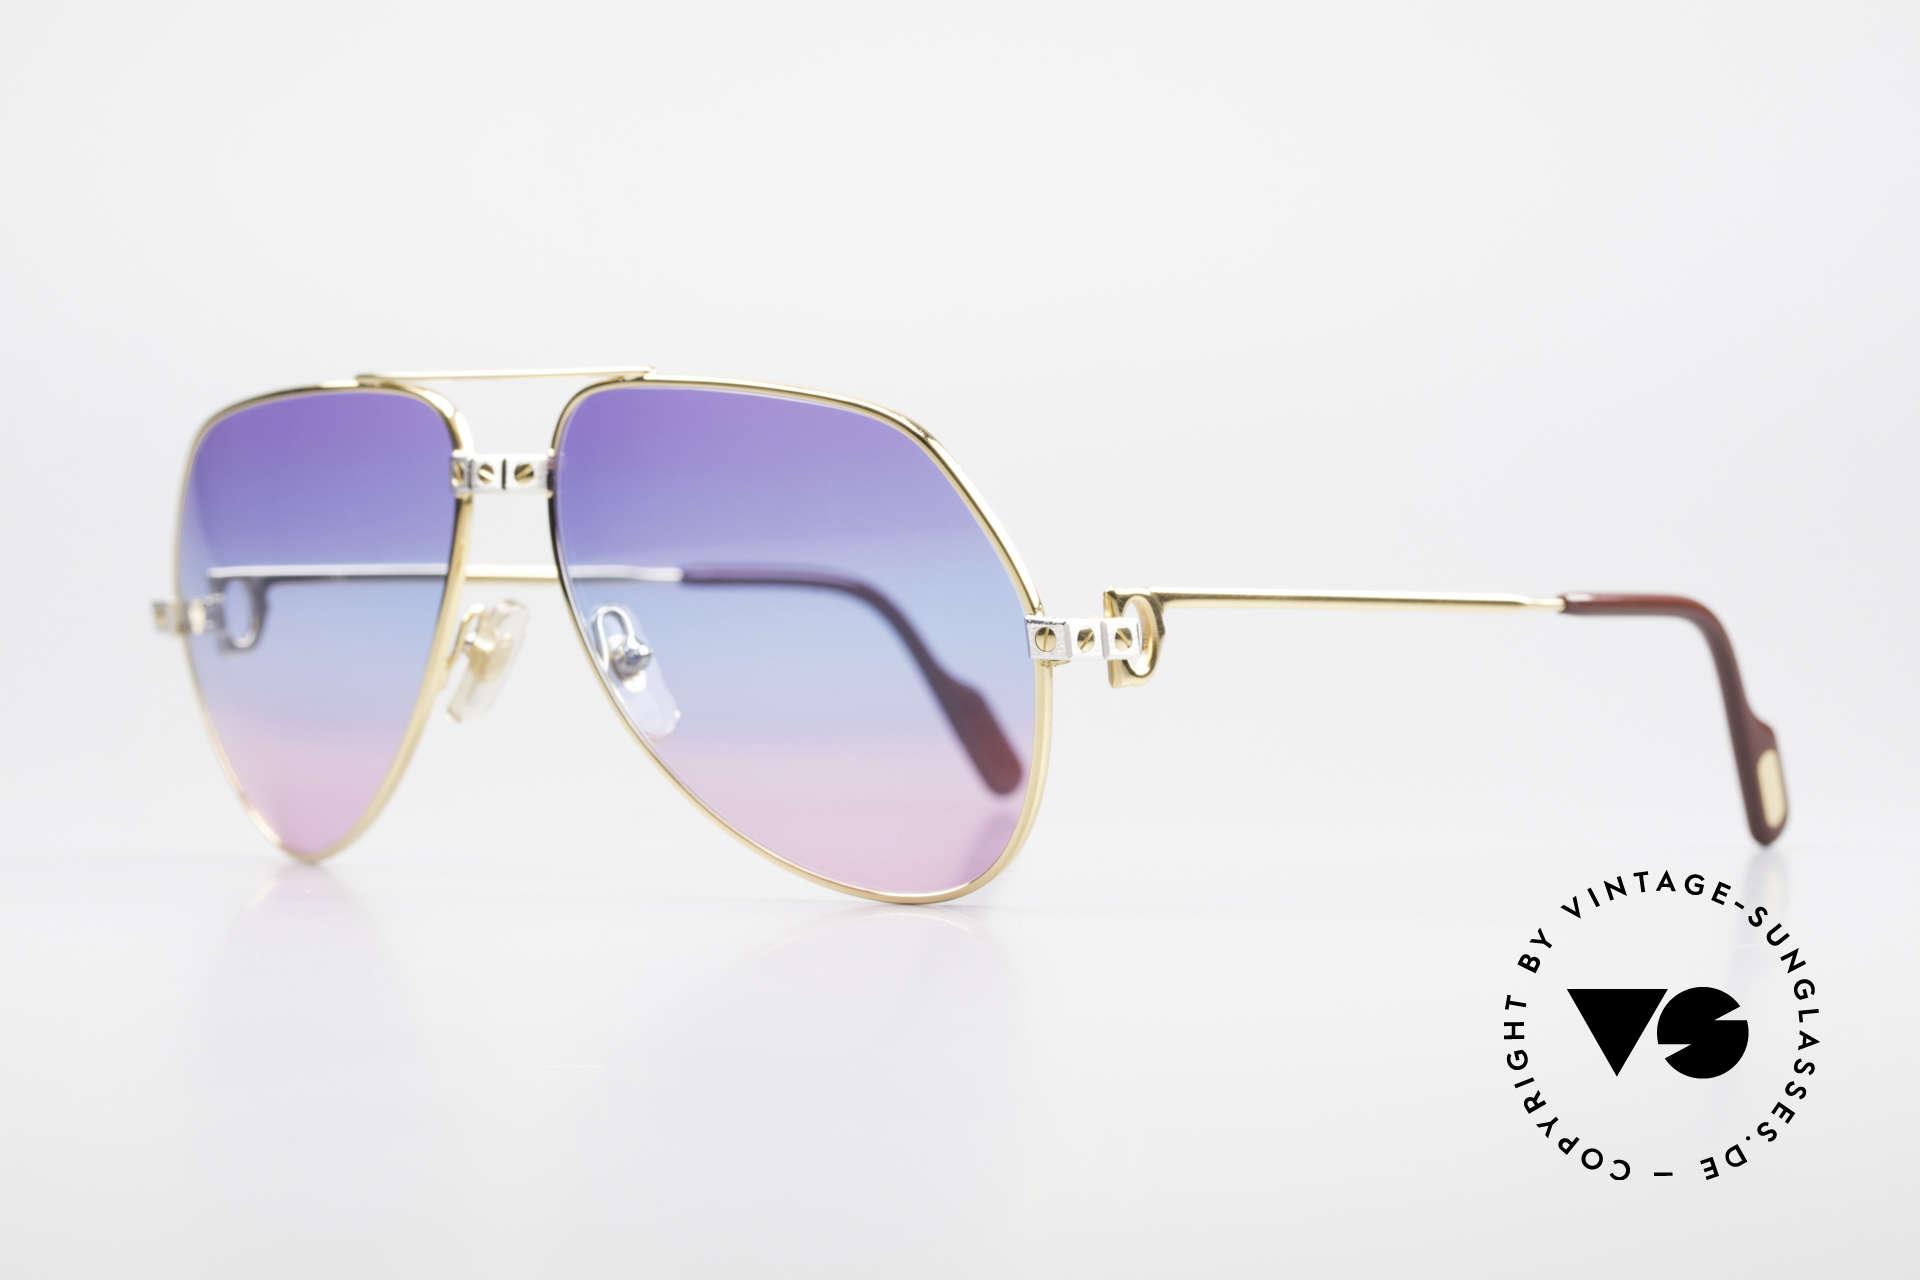 Cartier Vendome Santos - M Unikat Sammler Sonnenbrille, Santos-Dekor (3 Schrauben) in MEDIUM Gr. 59-14, 130, Passend für Herren und Damen